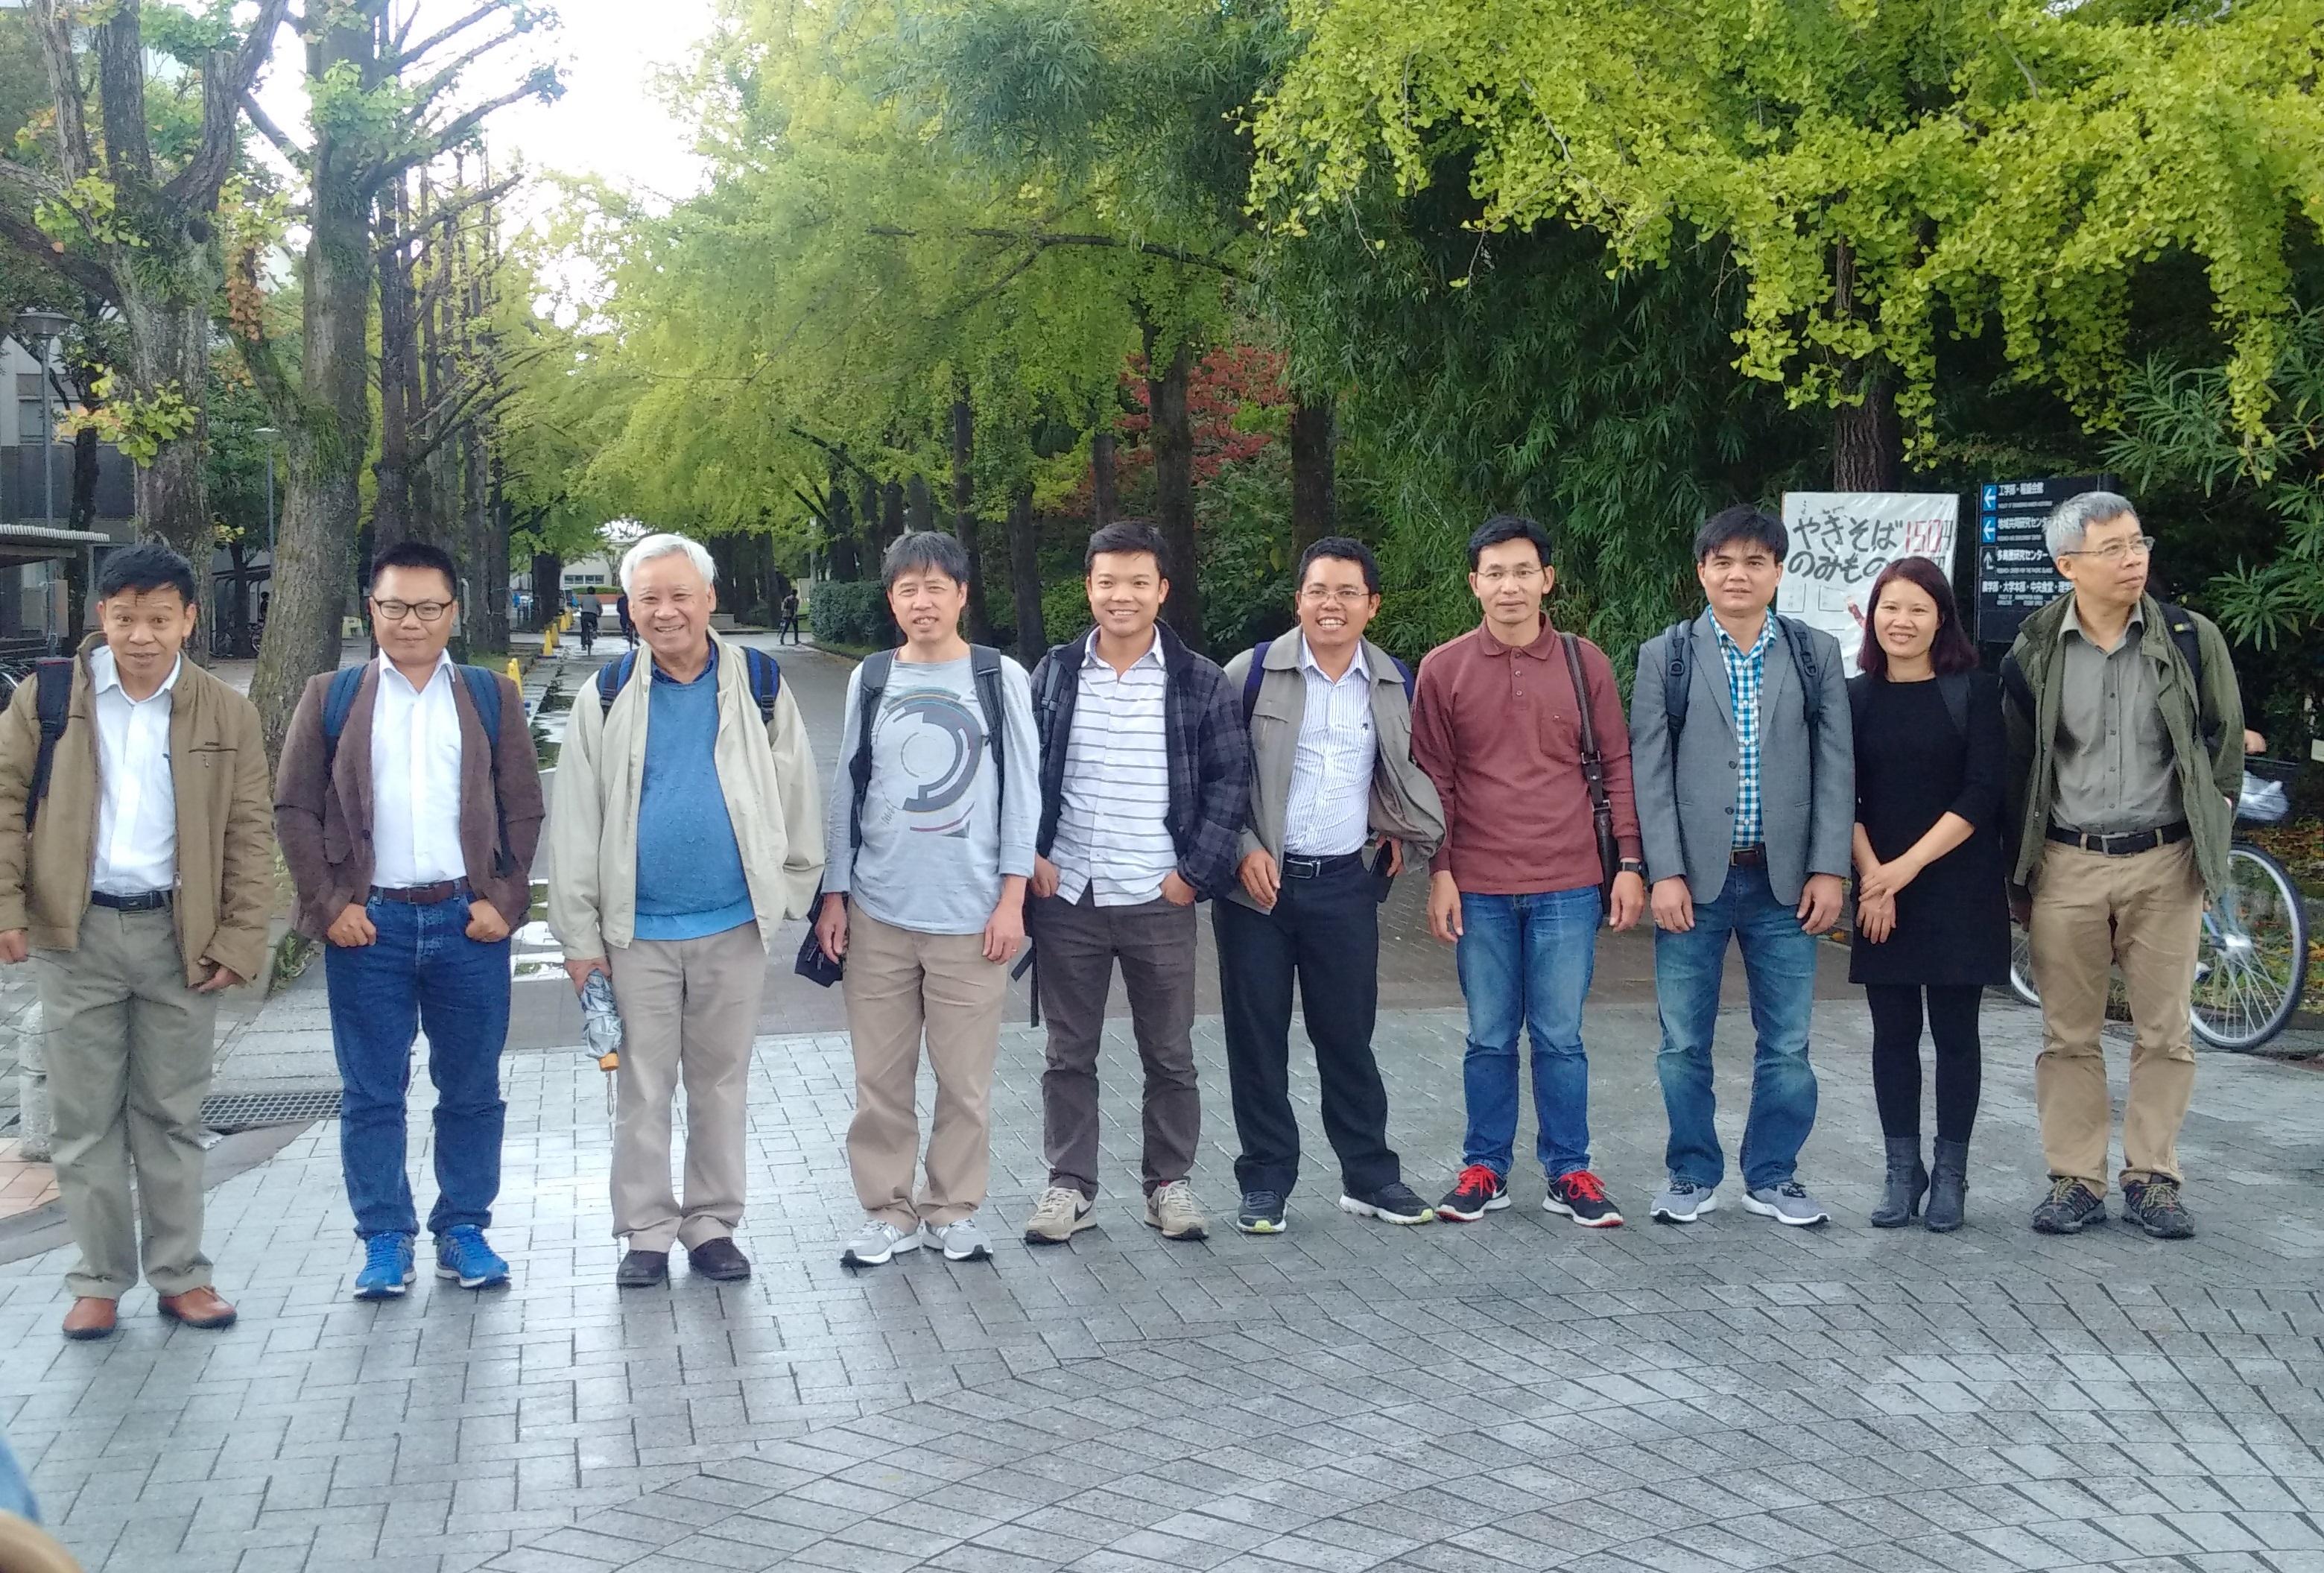 GS. Hà Huy Vui và PGS.TS. Phạm Tiến Sơn (thứ 2 và 3 từ trái sang) cùng nhóm nghiên cứu Lý thuyết kỳ dị ở Nhật Bản.